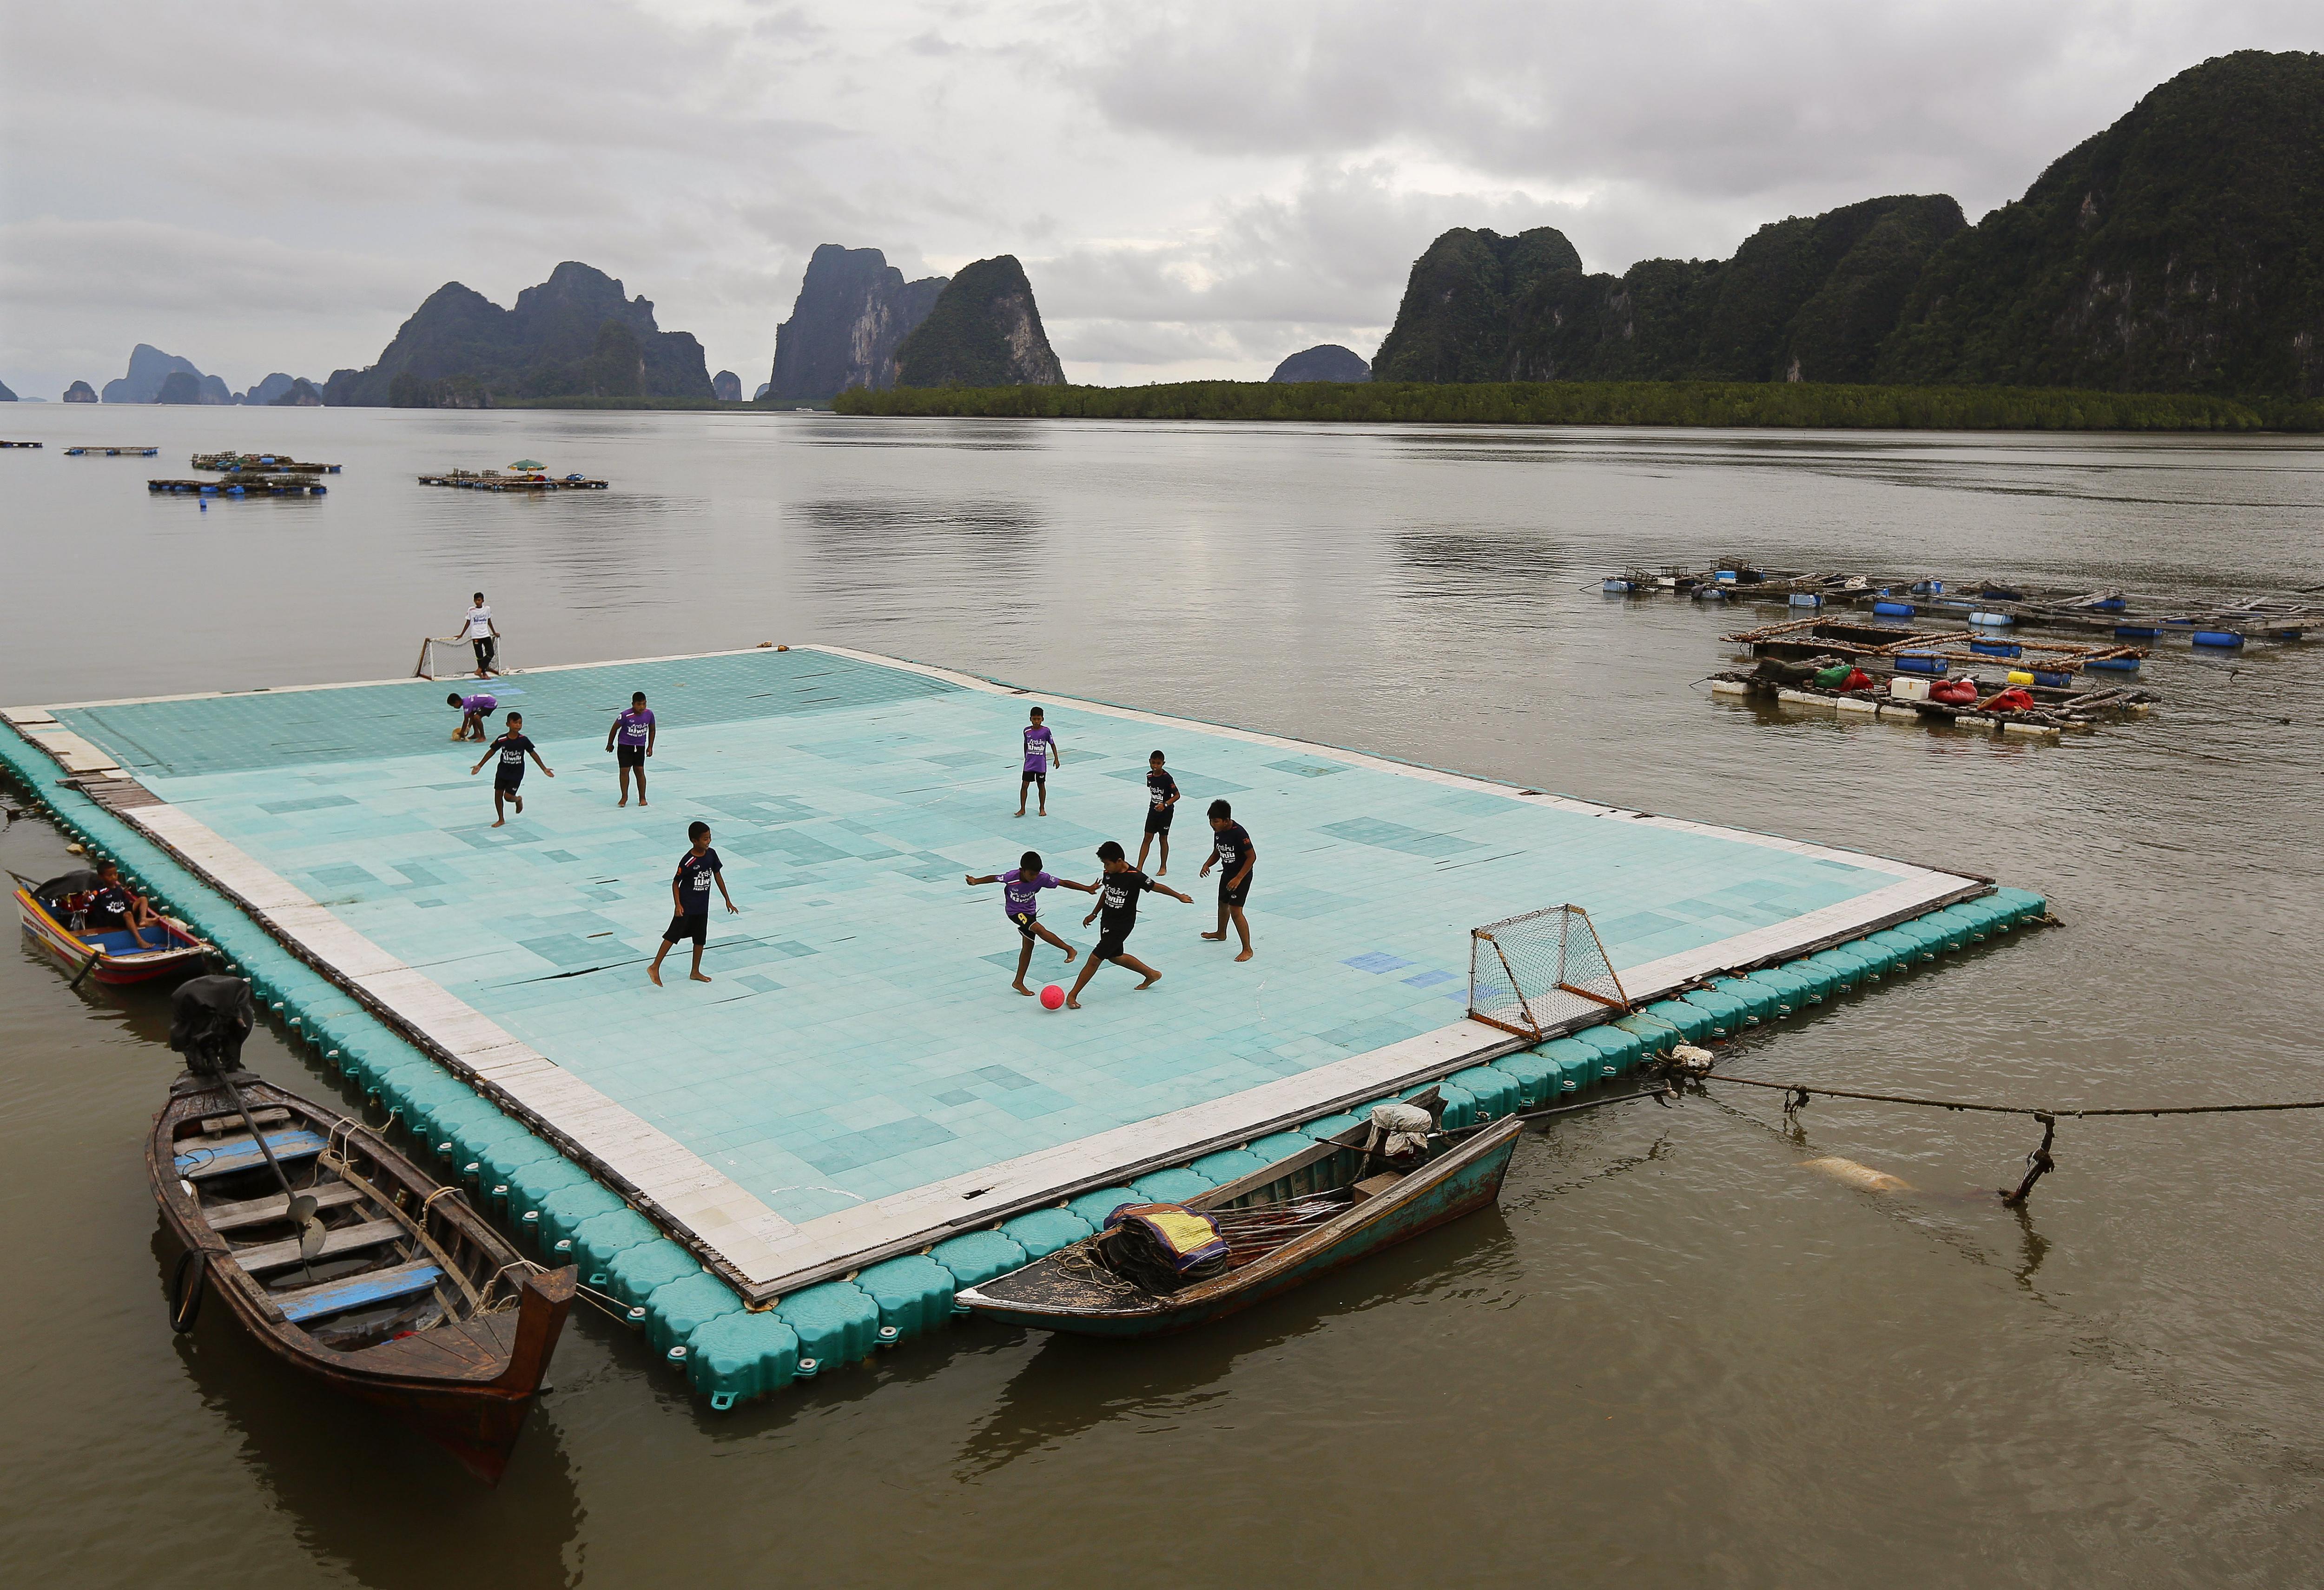 Diversos nins juguen a futbol en una plataforma flotant al poble de Ko Panyi, a la província de Phang Nga, al sud de Tailàndia. /NARONG SANGNAK